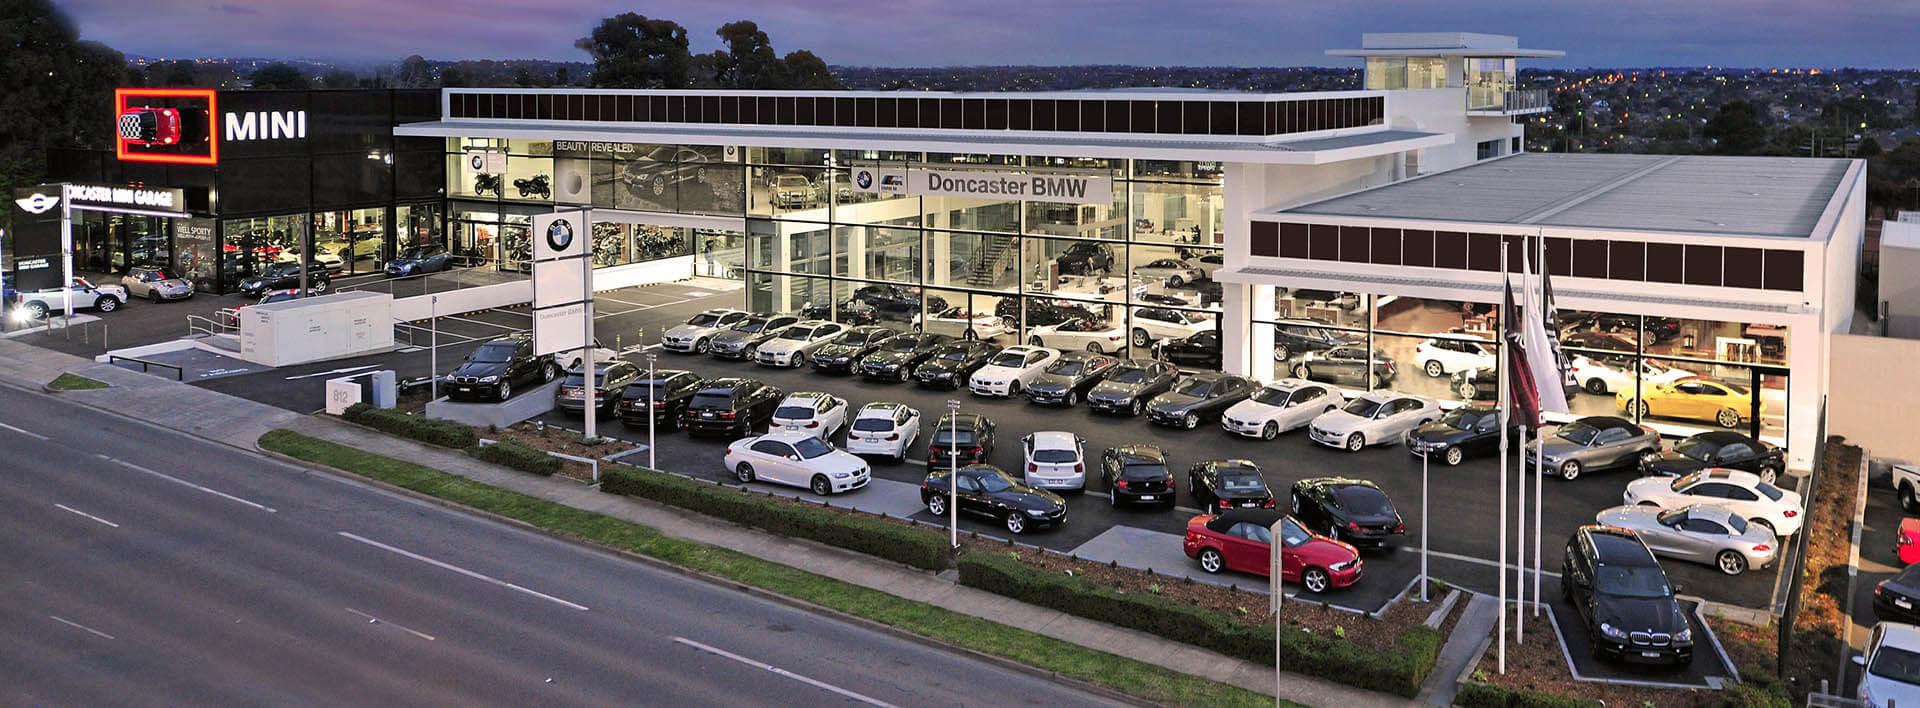 Doncaster BMW Melbourne